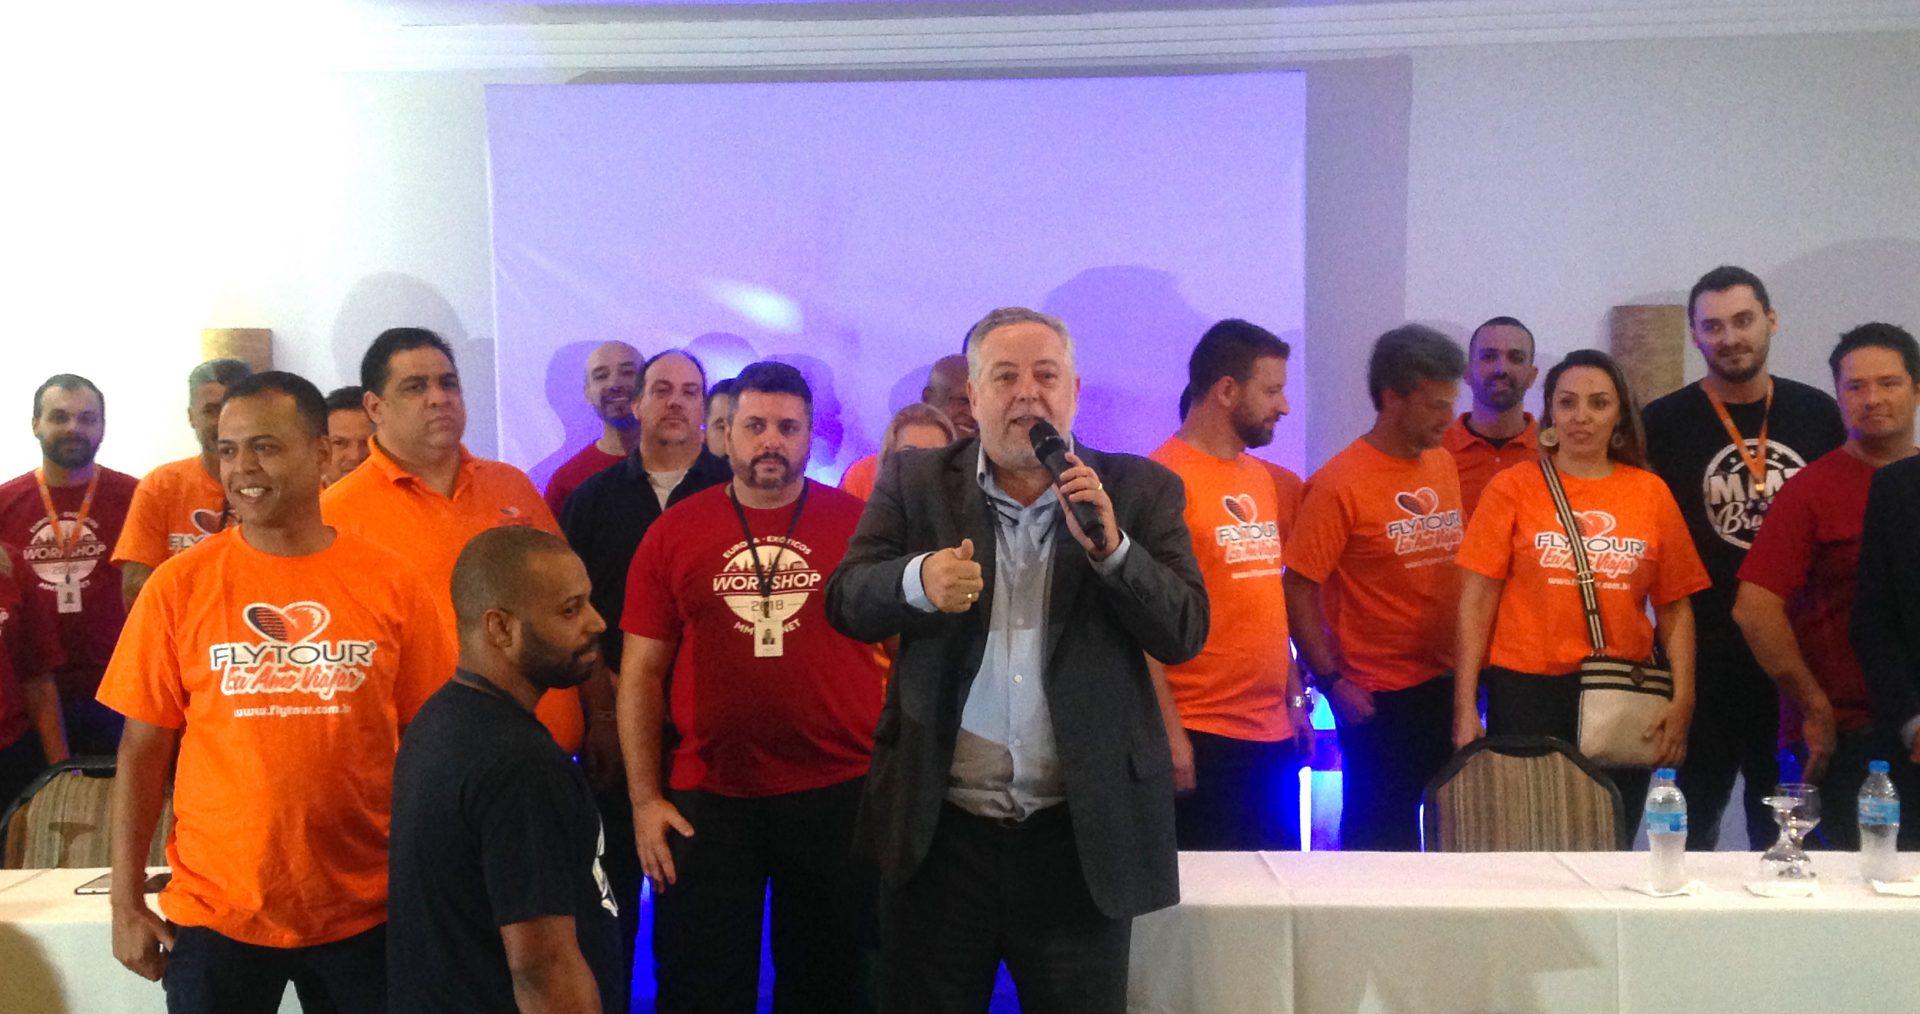 Michael Barkoczy, presidente da Flytour Viagens MMT comemora com os agentes de viagem convidados a fusão das 2 operadoras